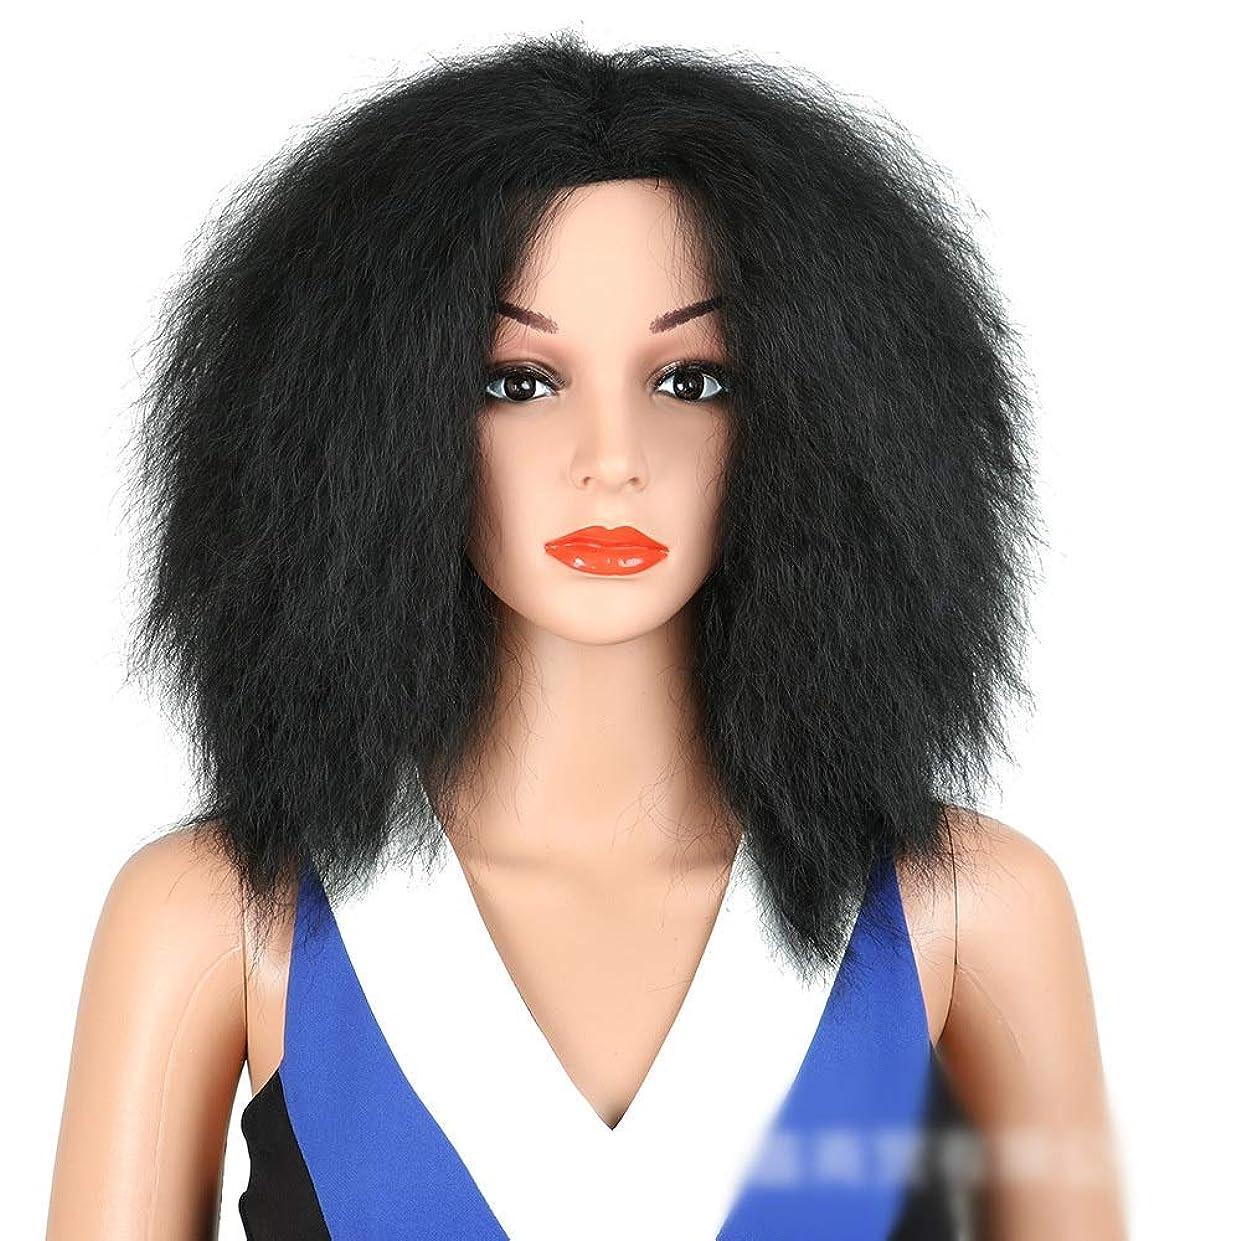 実行するパウダー傷つけるIsikawan 女性のためのかつらアフロ変態ストレートヘアブラック耐熱人工毛ミドルパートふわふわ (色 : ブラック)